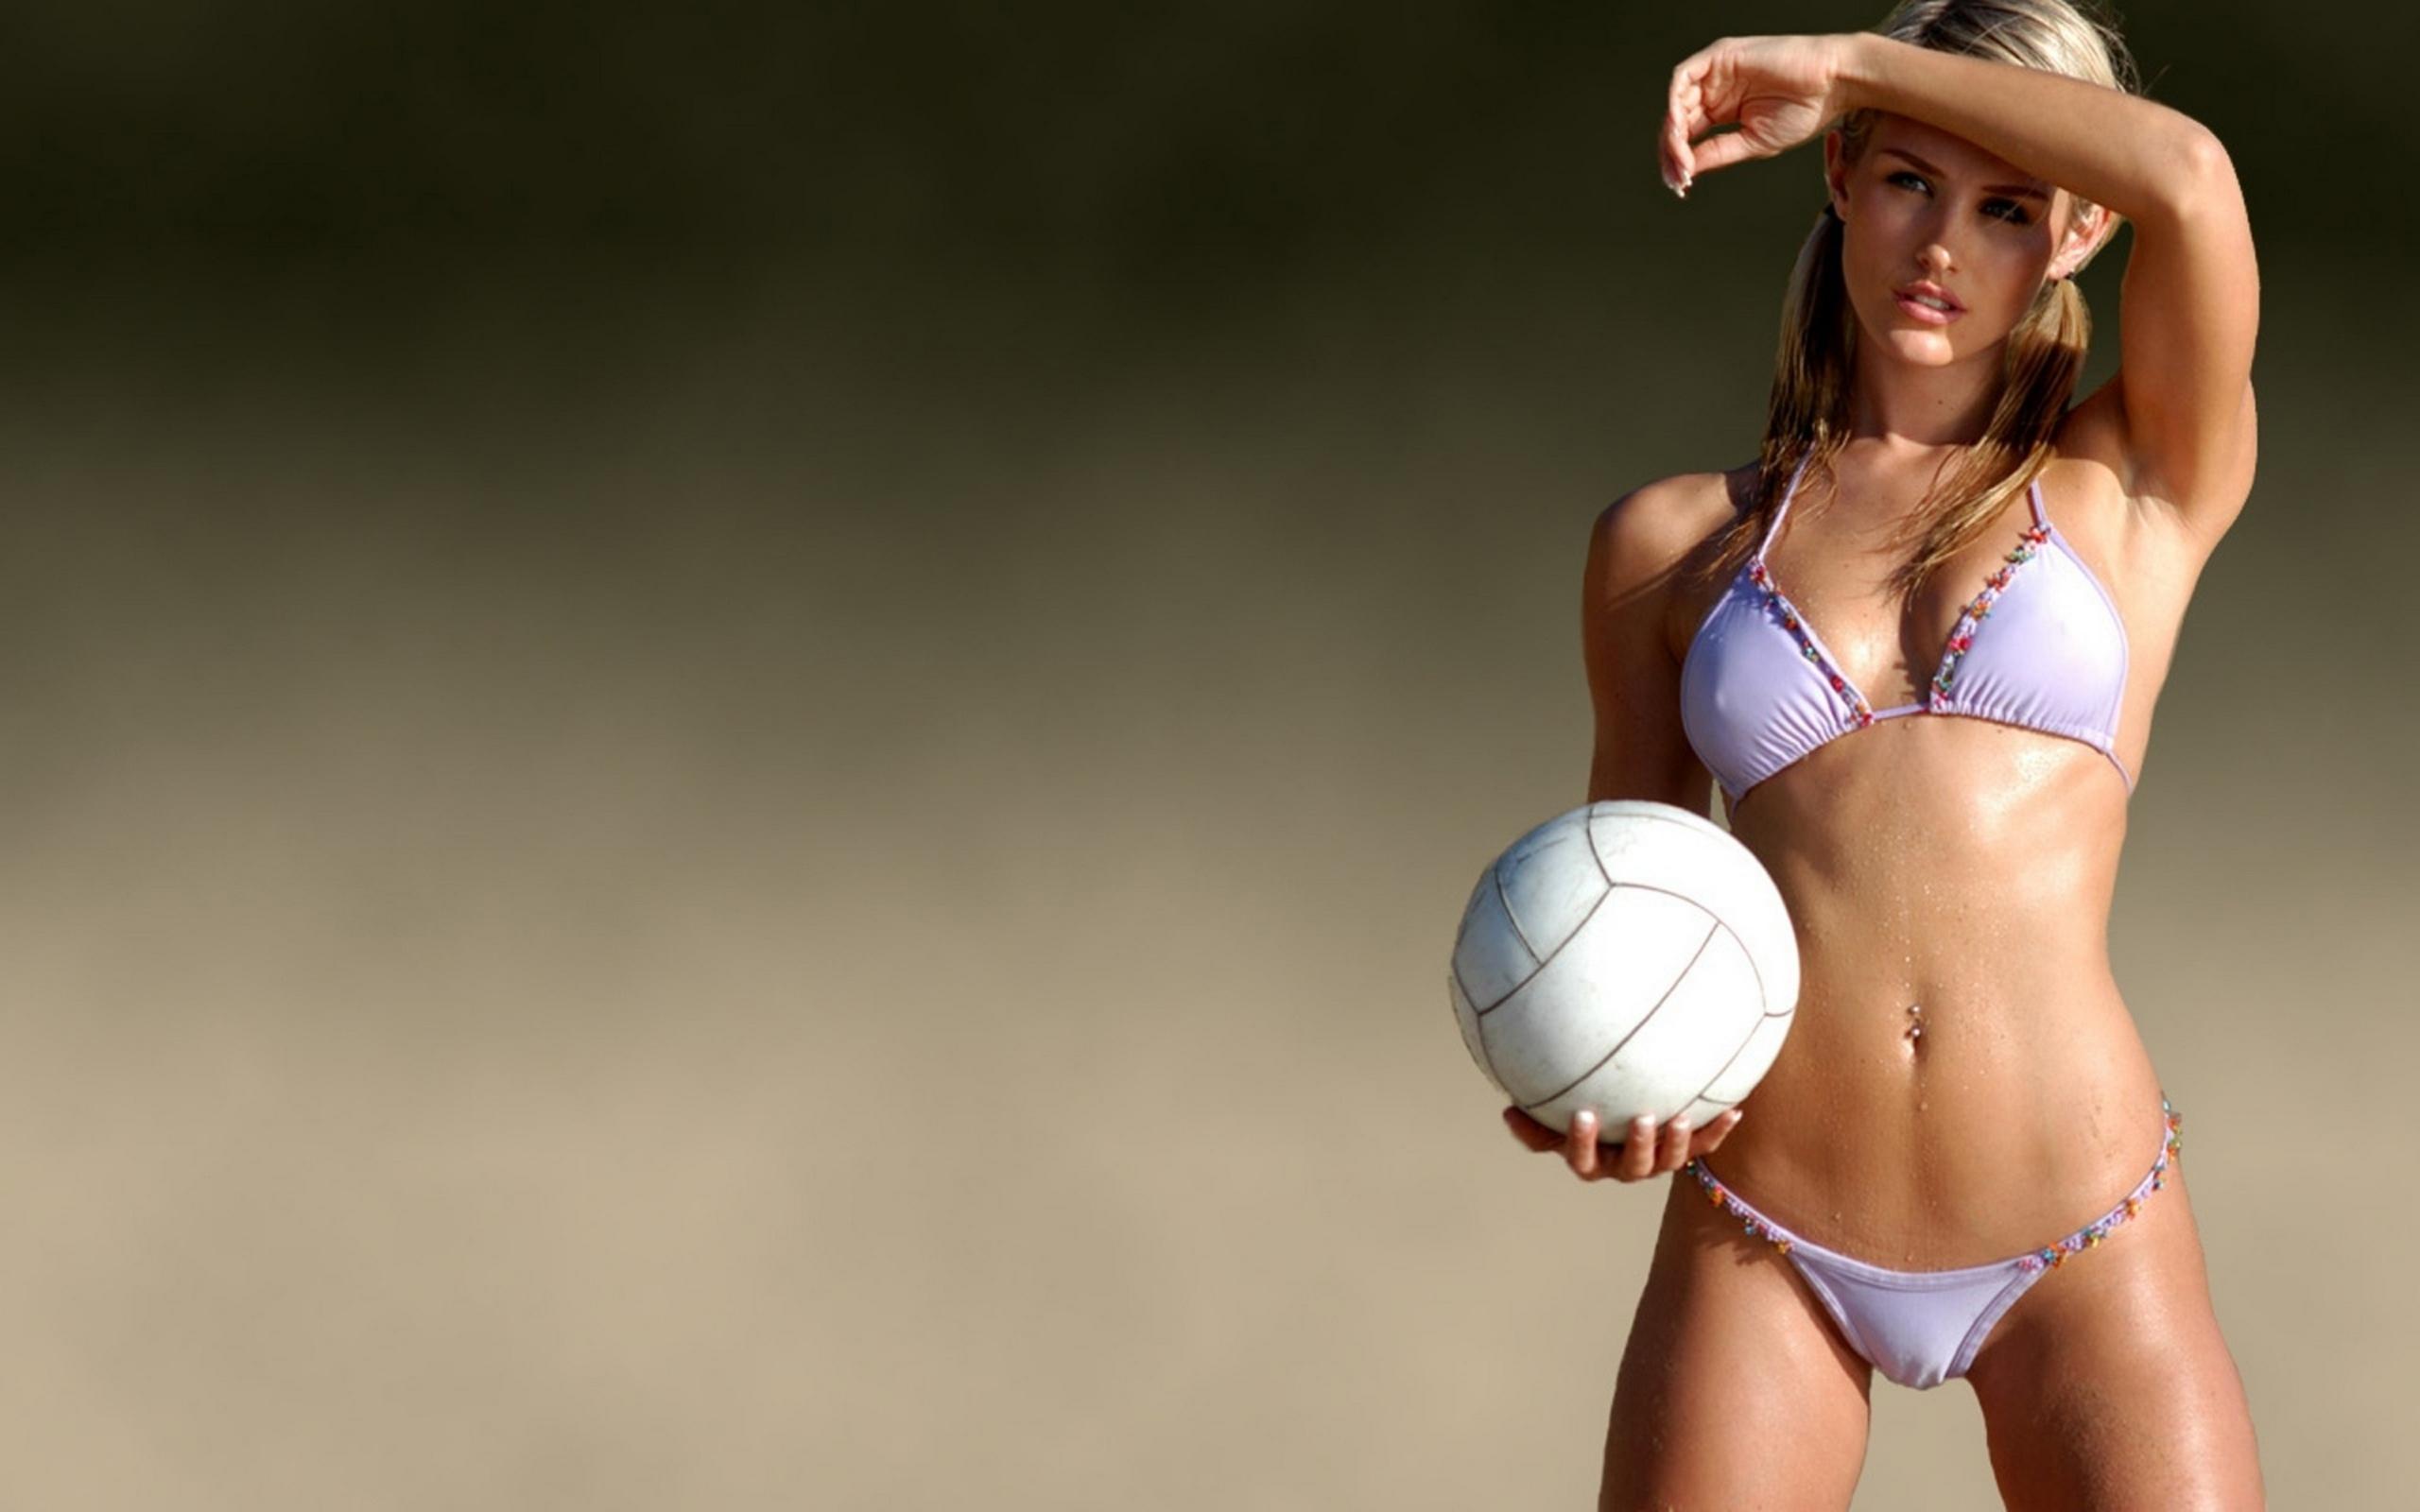 Фото спортивная женская грудь 1 фотография